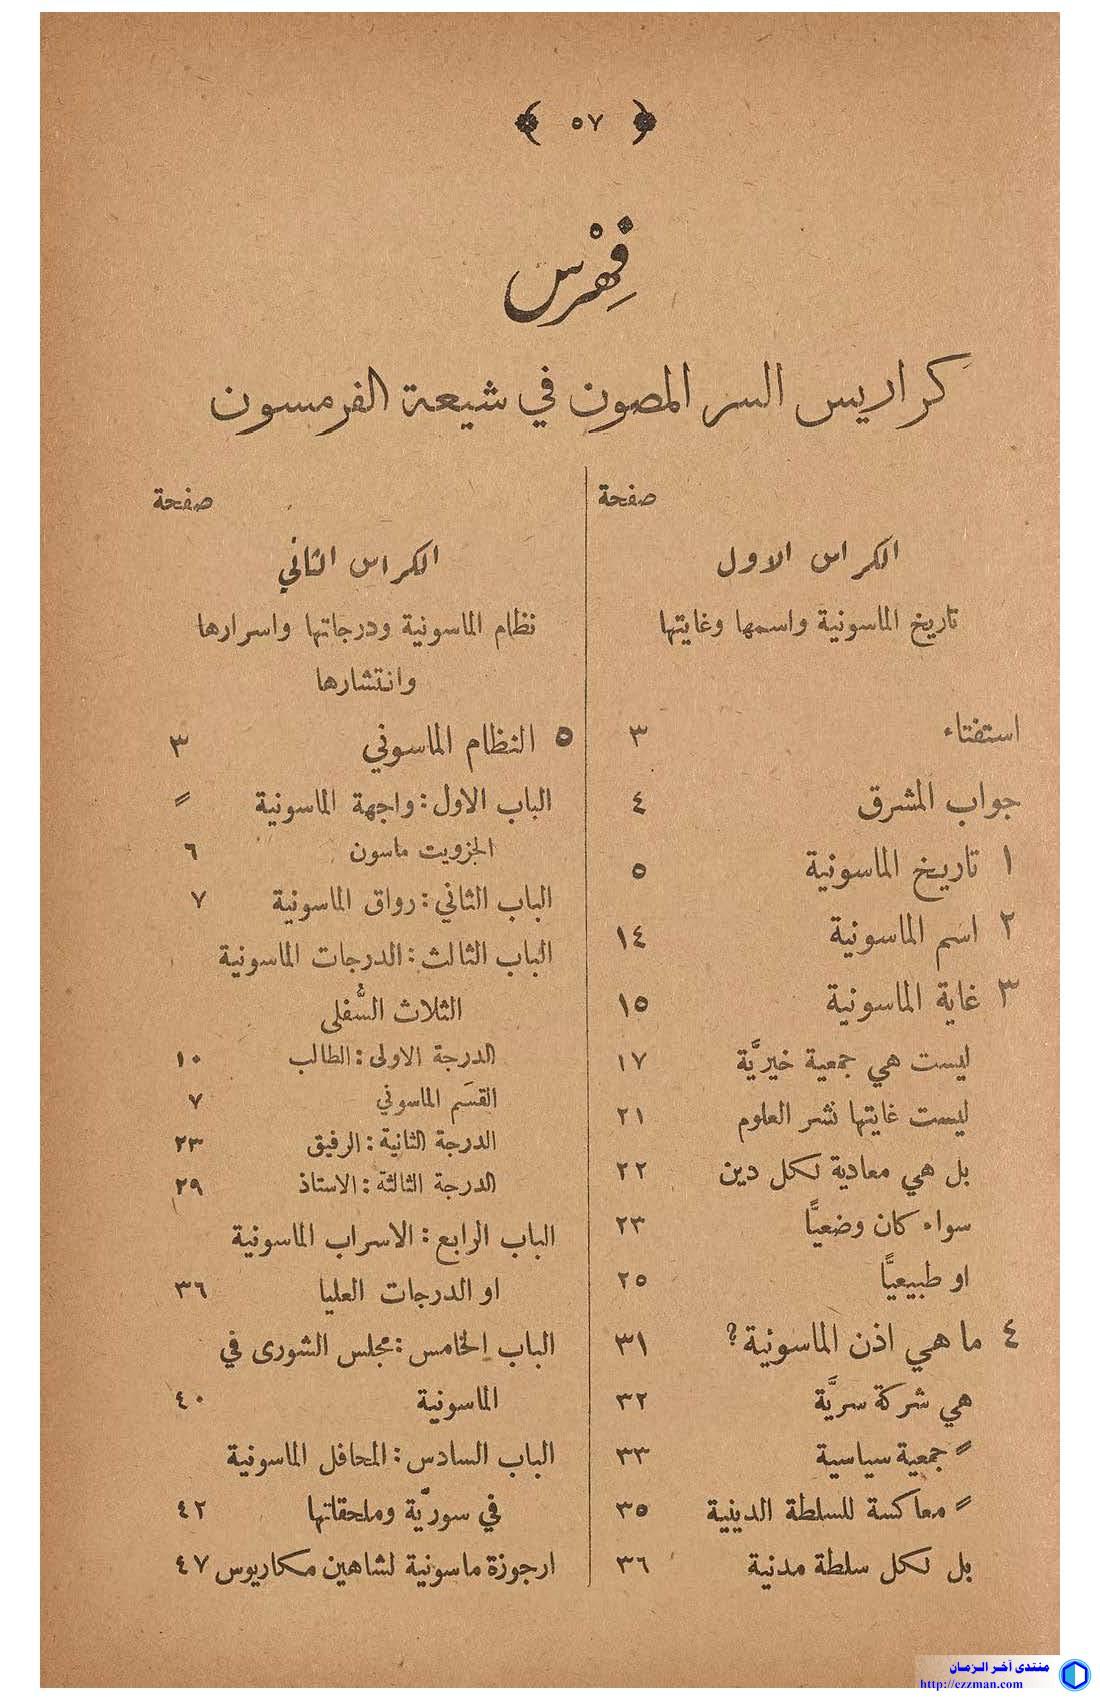 السر المصون شيعة الفَرْمَسون